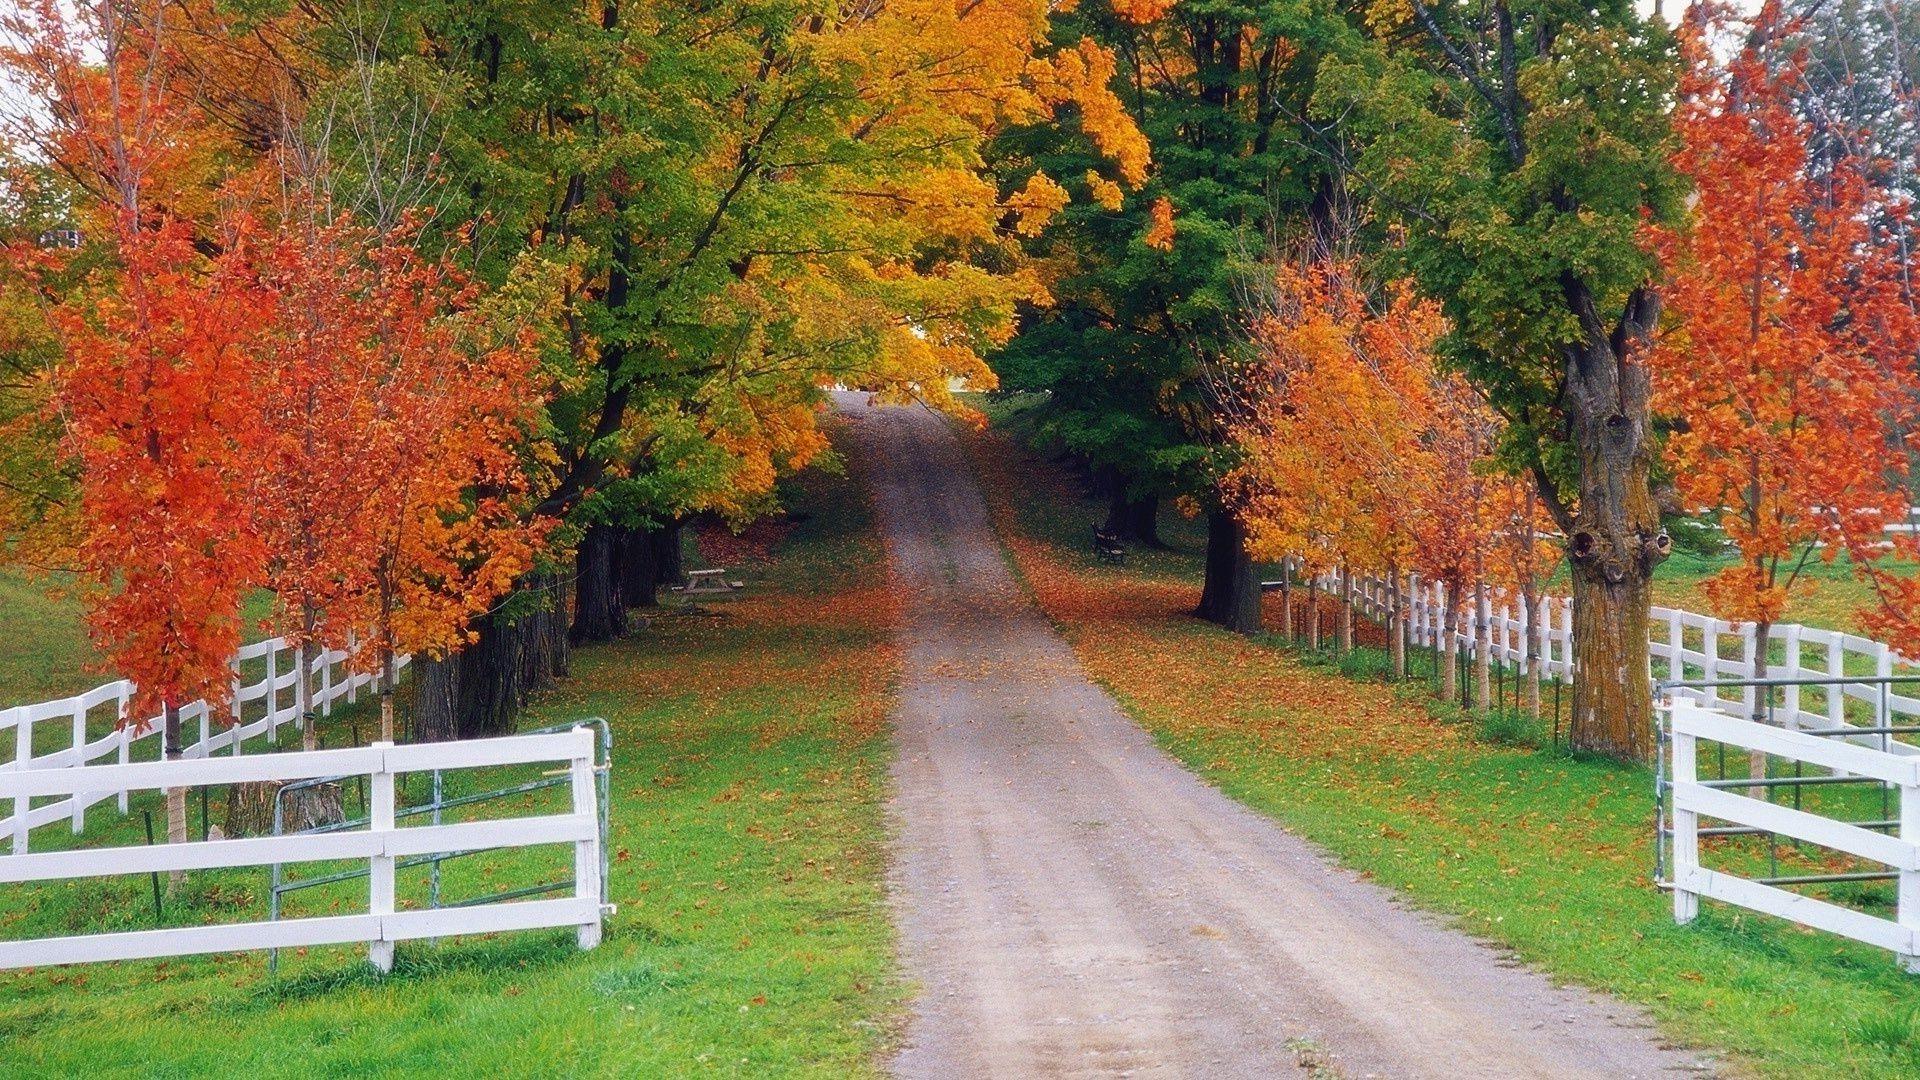 осень в деревне без регистрации